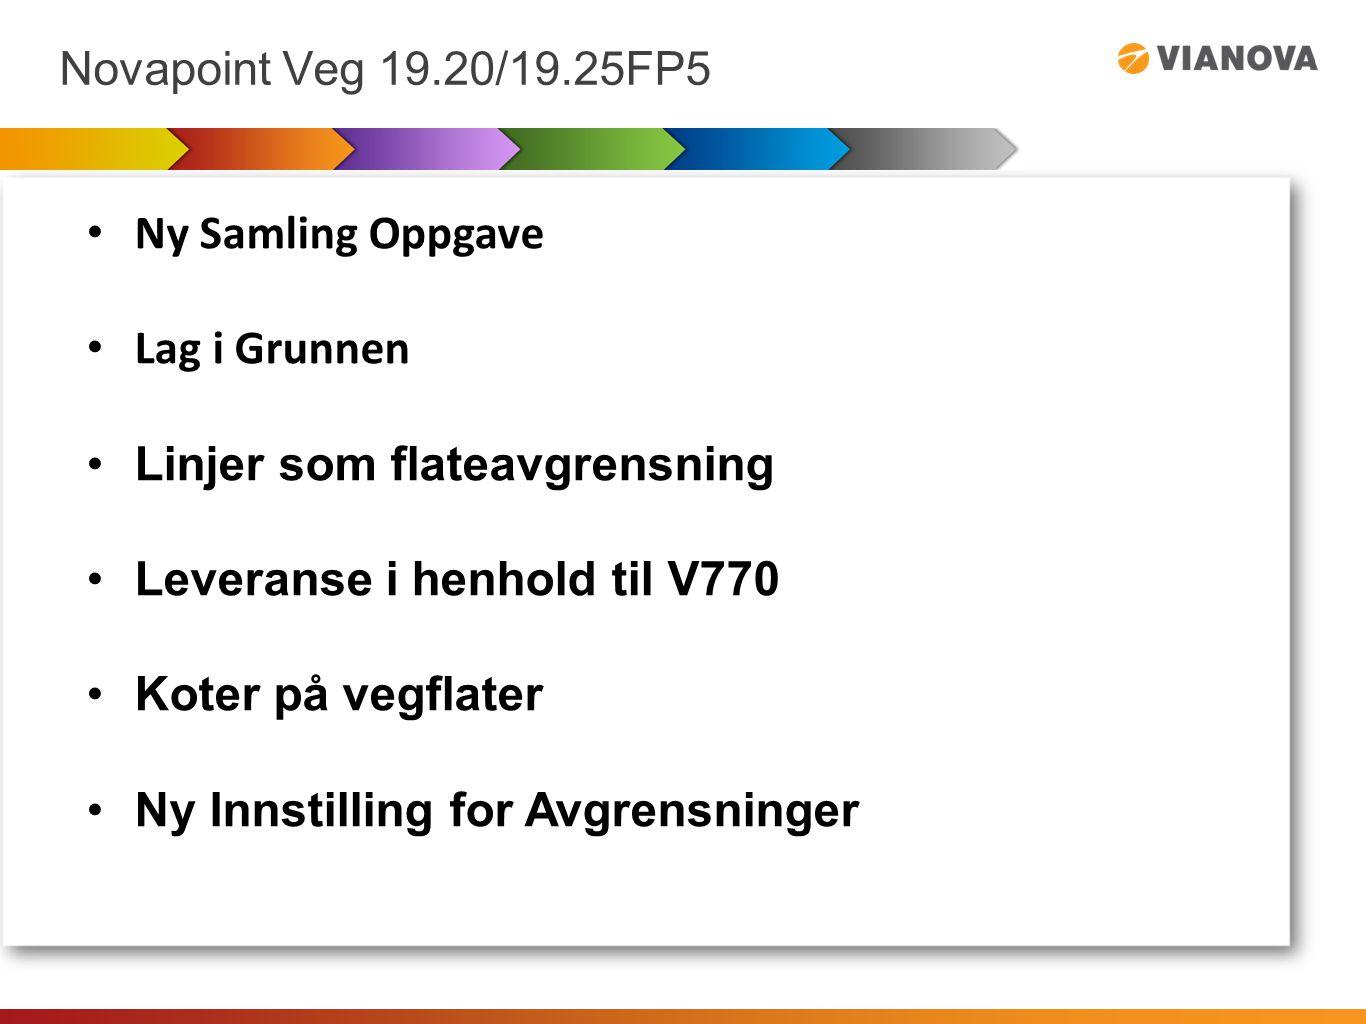 Ny Samling Oppgave Lag i Grunnen Linjer som flateavgrensning Leveranse i henhold til V770 Koter på vegflater Ny Innstilling for Avgrensninger